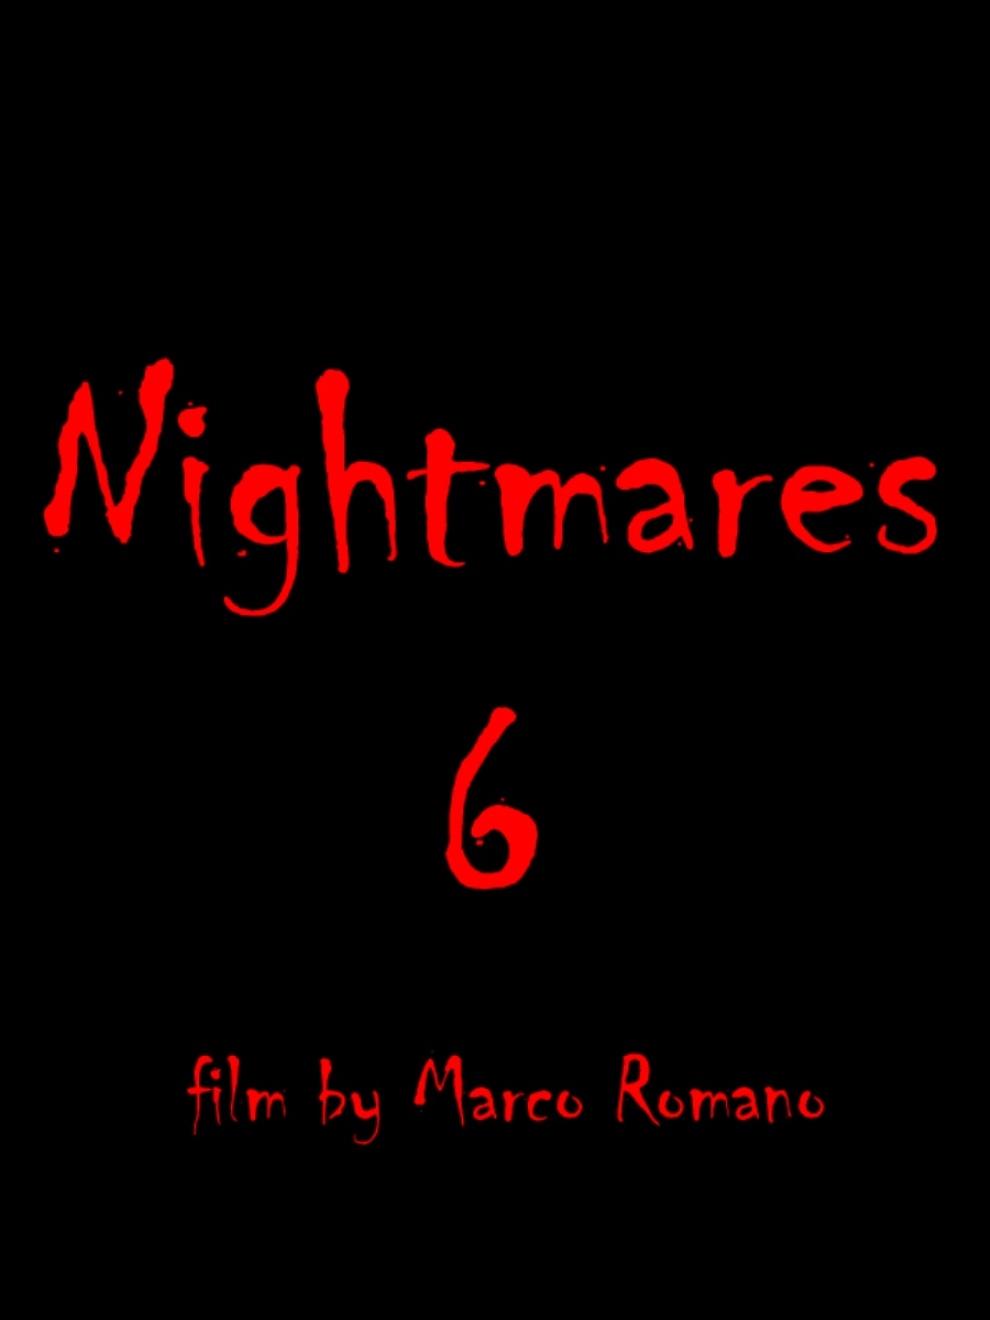 Nightmares 6 2016